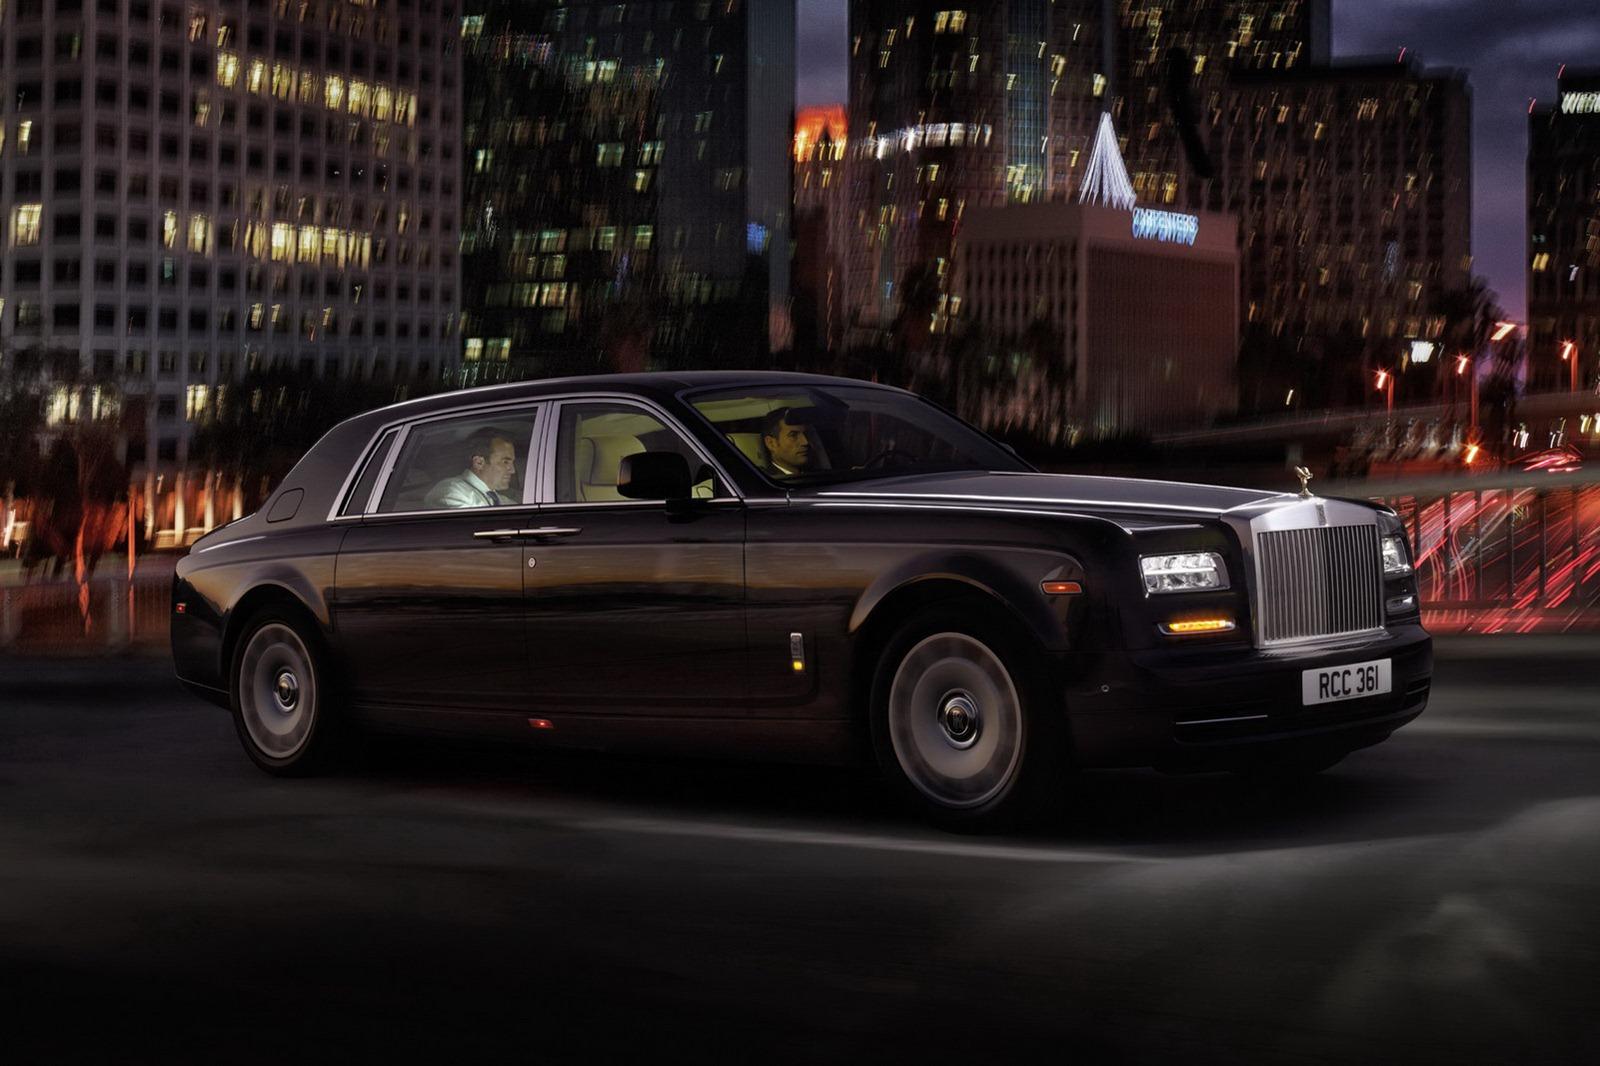 http://1.bp.blogspot.com/-tbtaPXPnE7M/T5gqcdXNkNI/AAAAAAAAV78/rM3LNpoHjqc/s1600/Rolls-Royce-Phantom-Extended-Wheelbase-1%5B2%5D.jpg